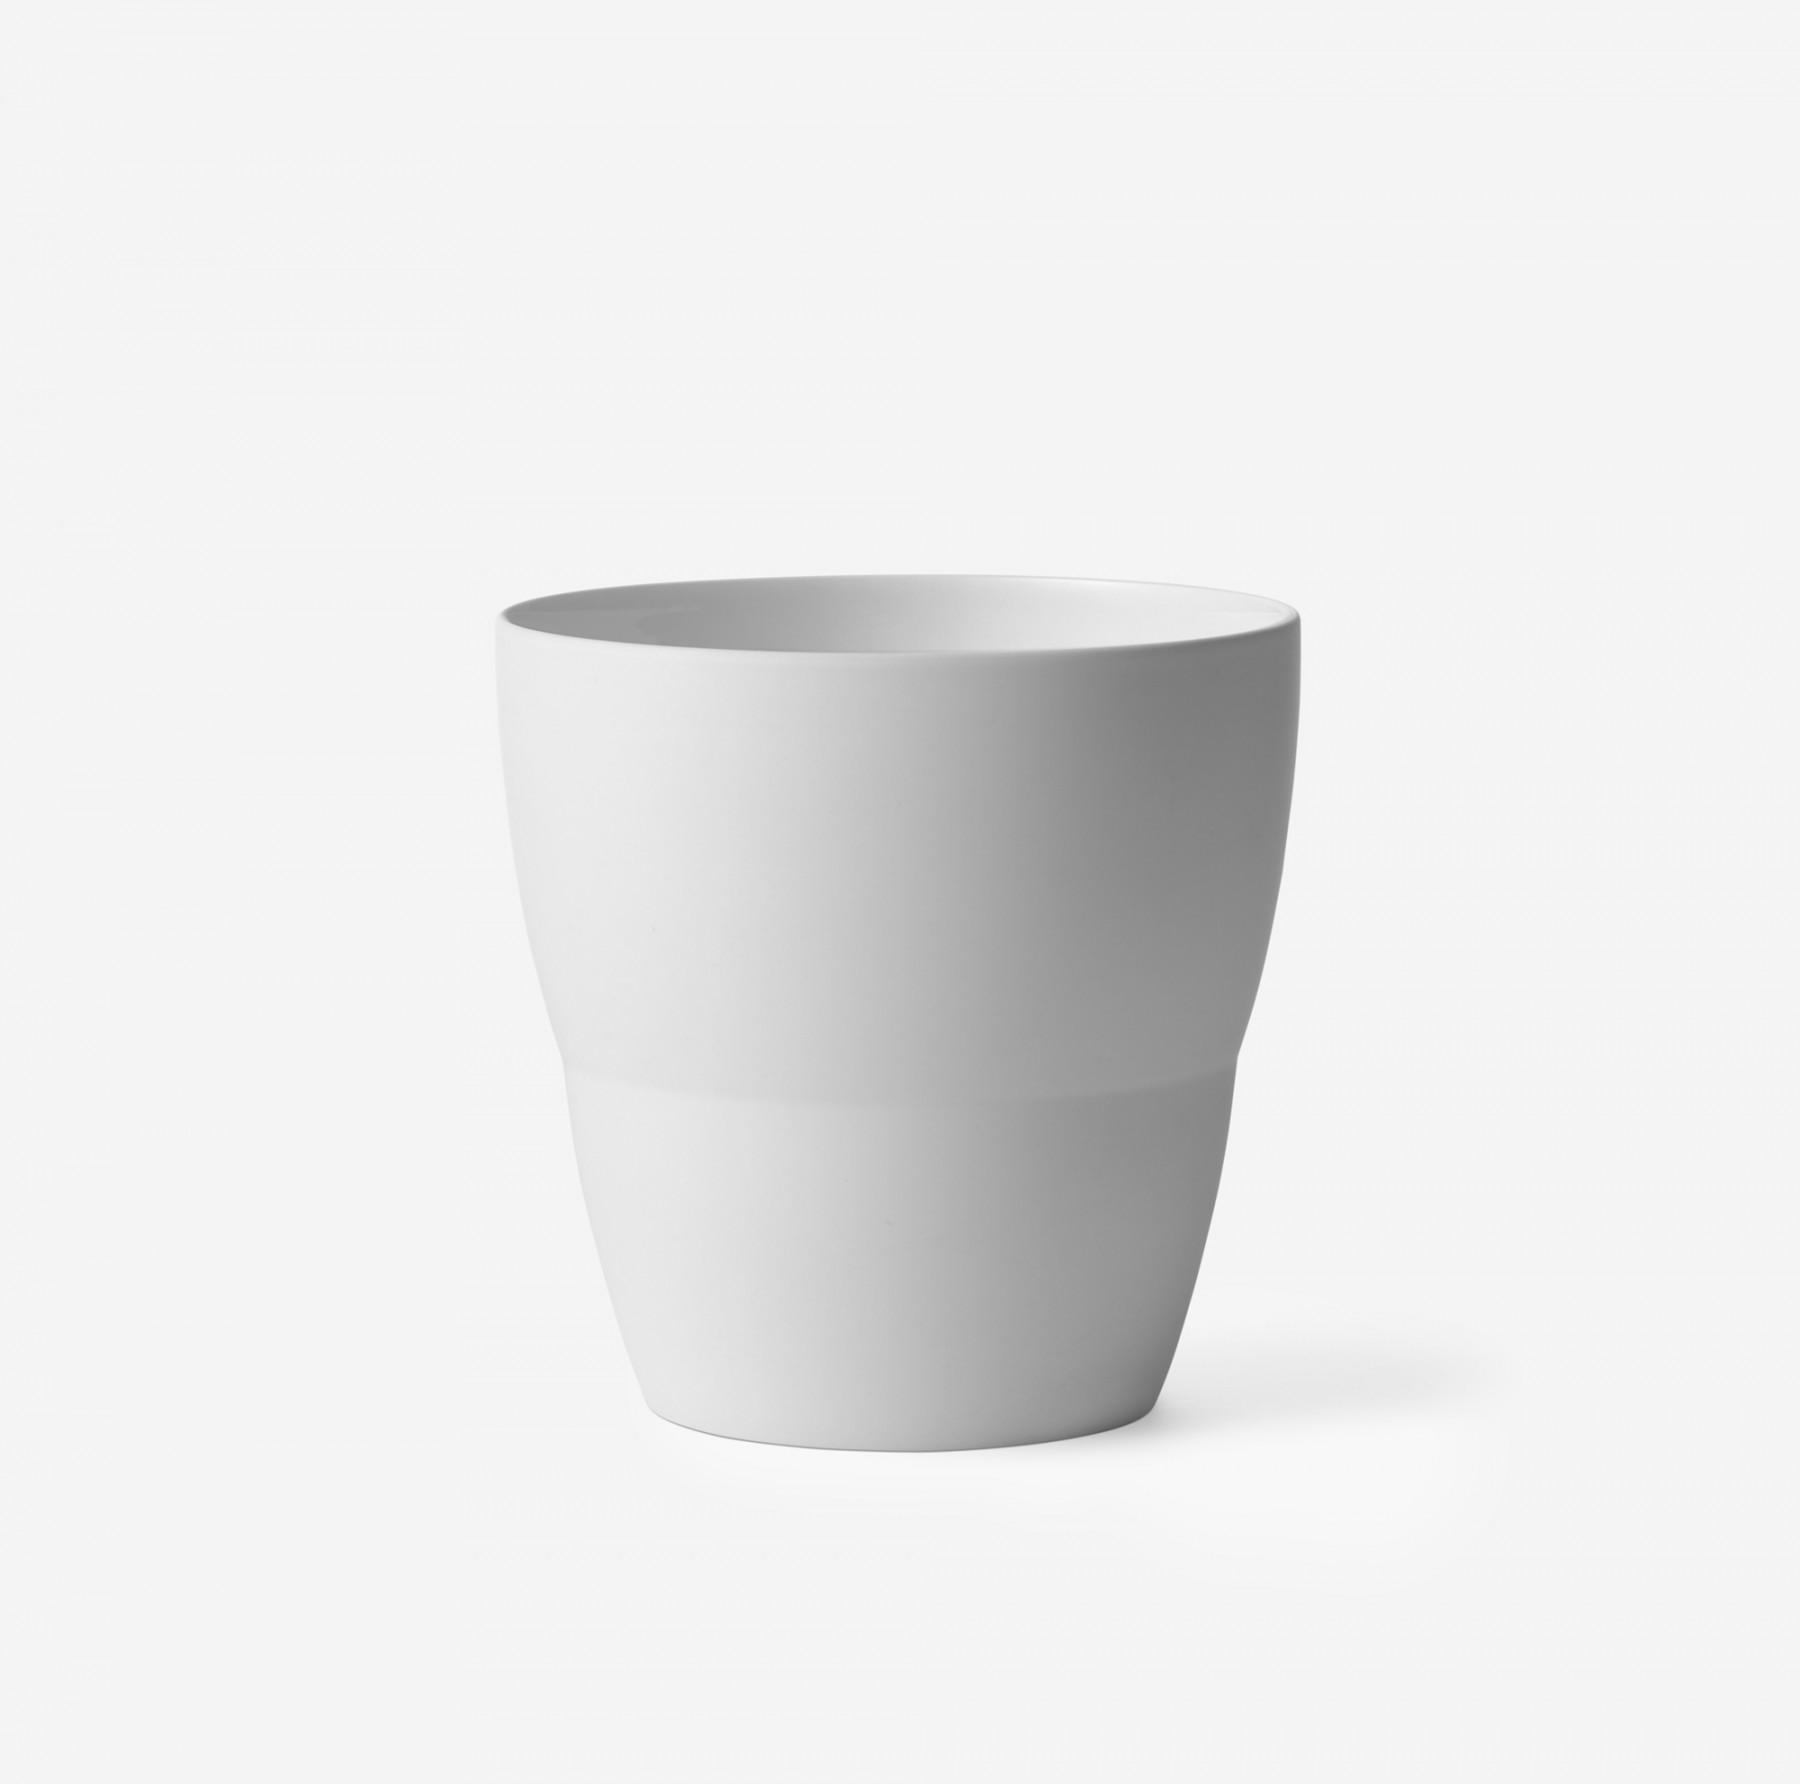 vipp Ceramic Pot white VIPP220, 22003, 5705953166968